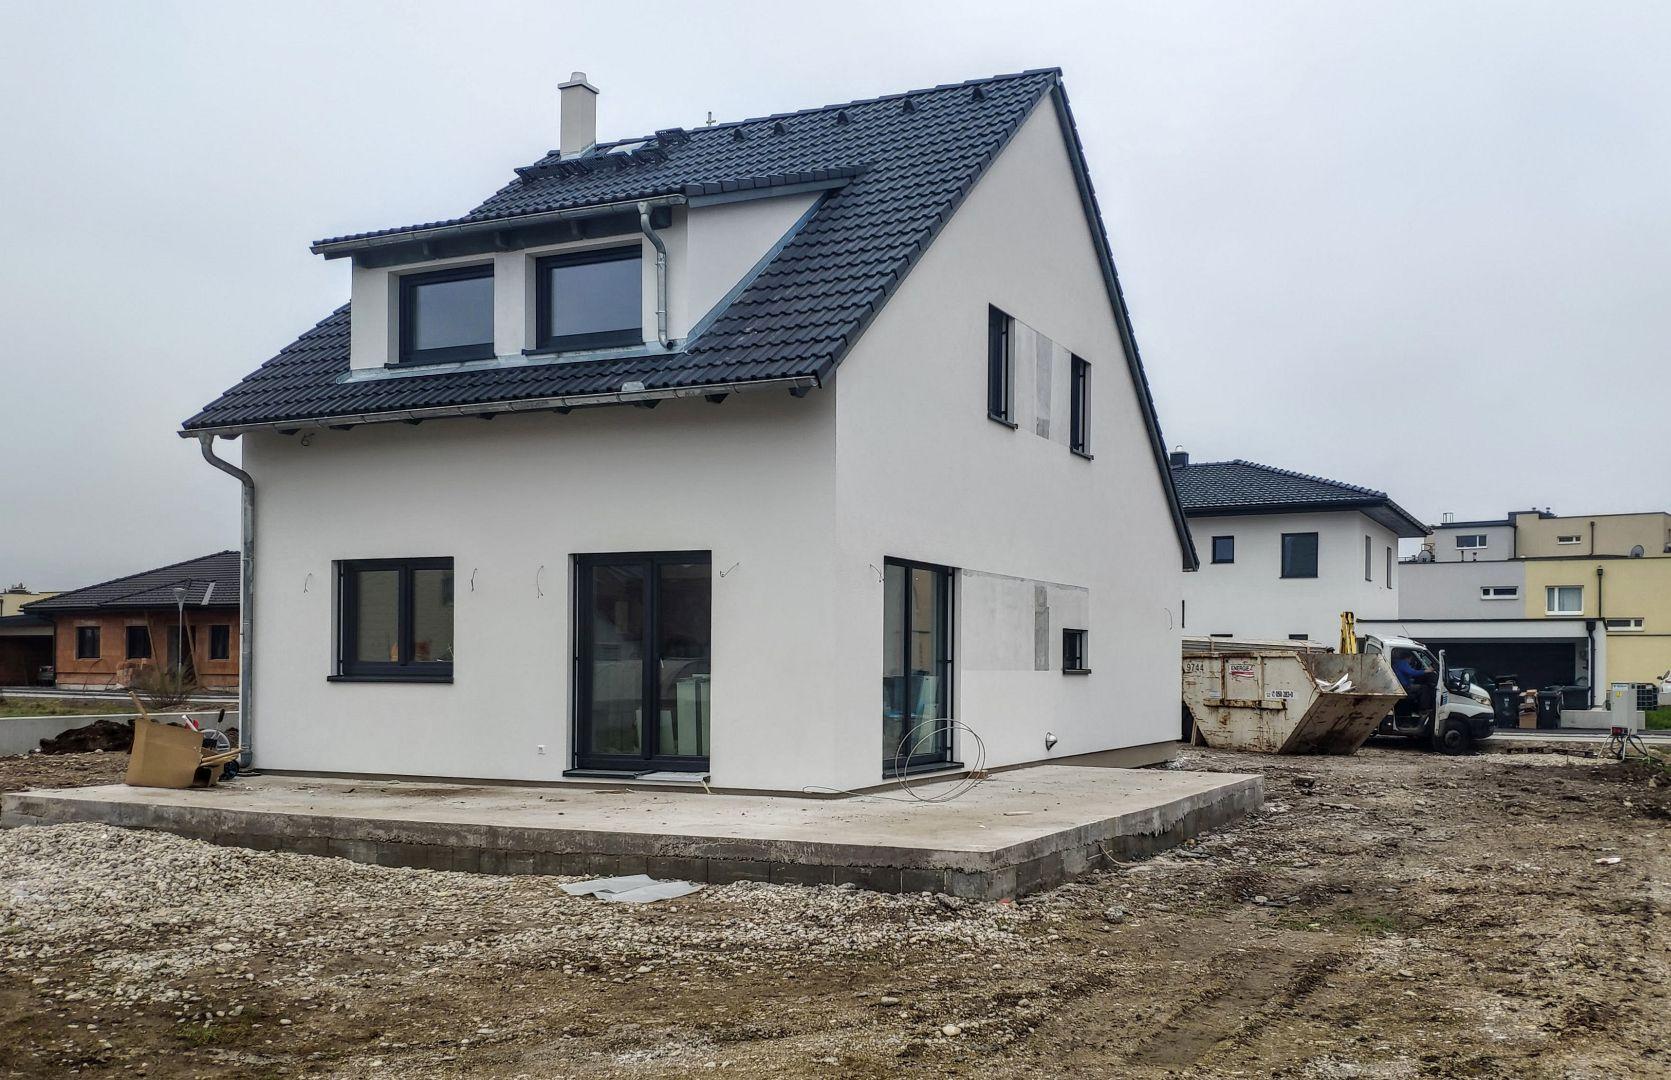 Montovaný dom - drevodom - Nova 101